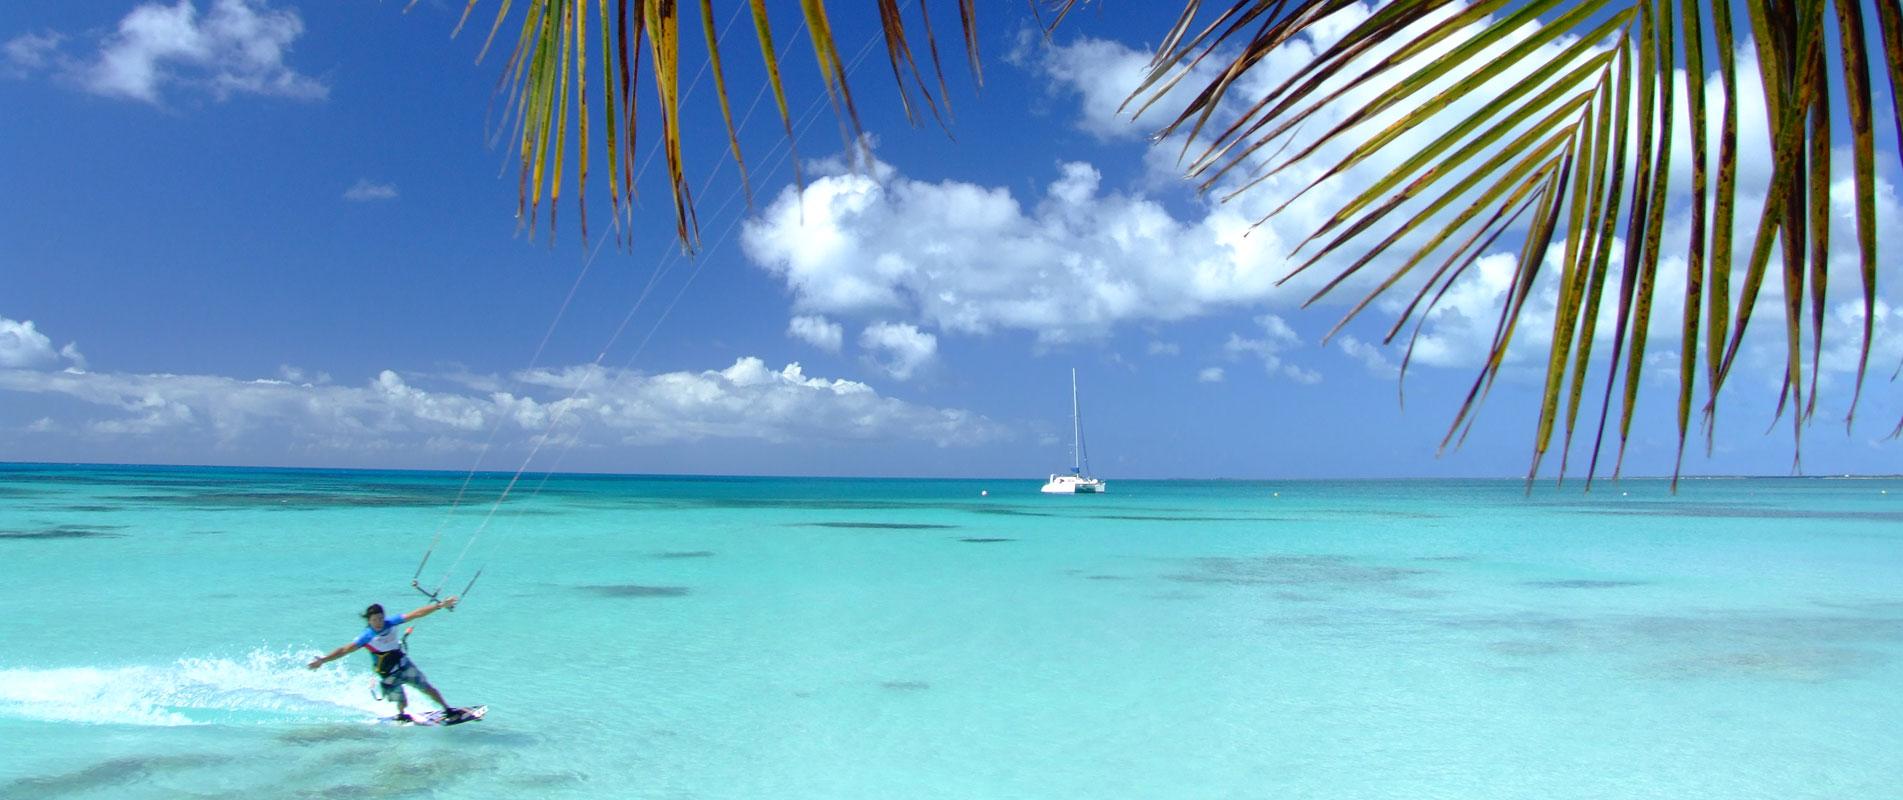 Kitesurfing in Antigua & Barbuda in the Caribbean